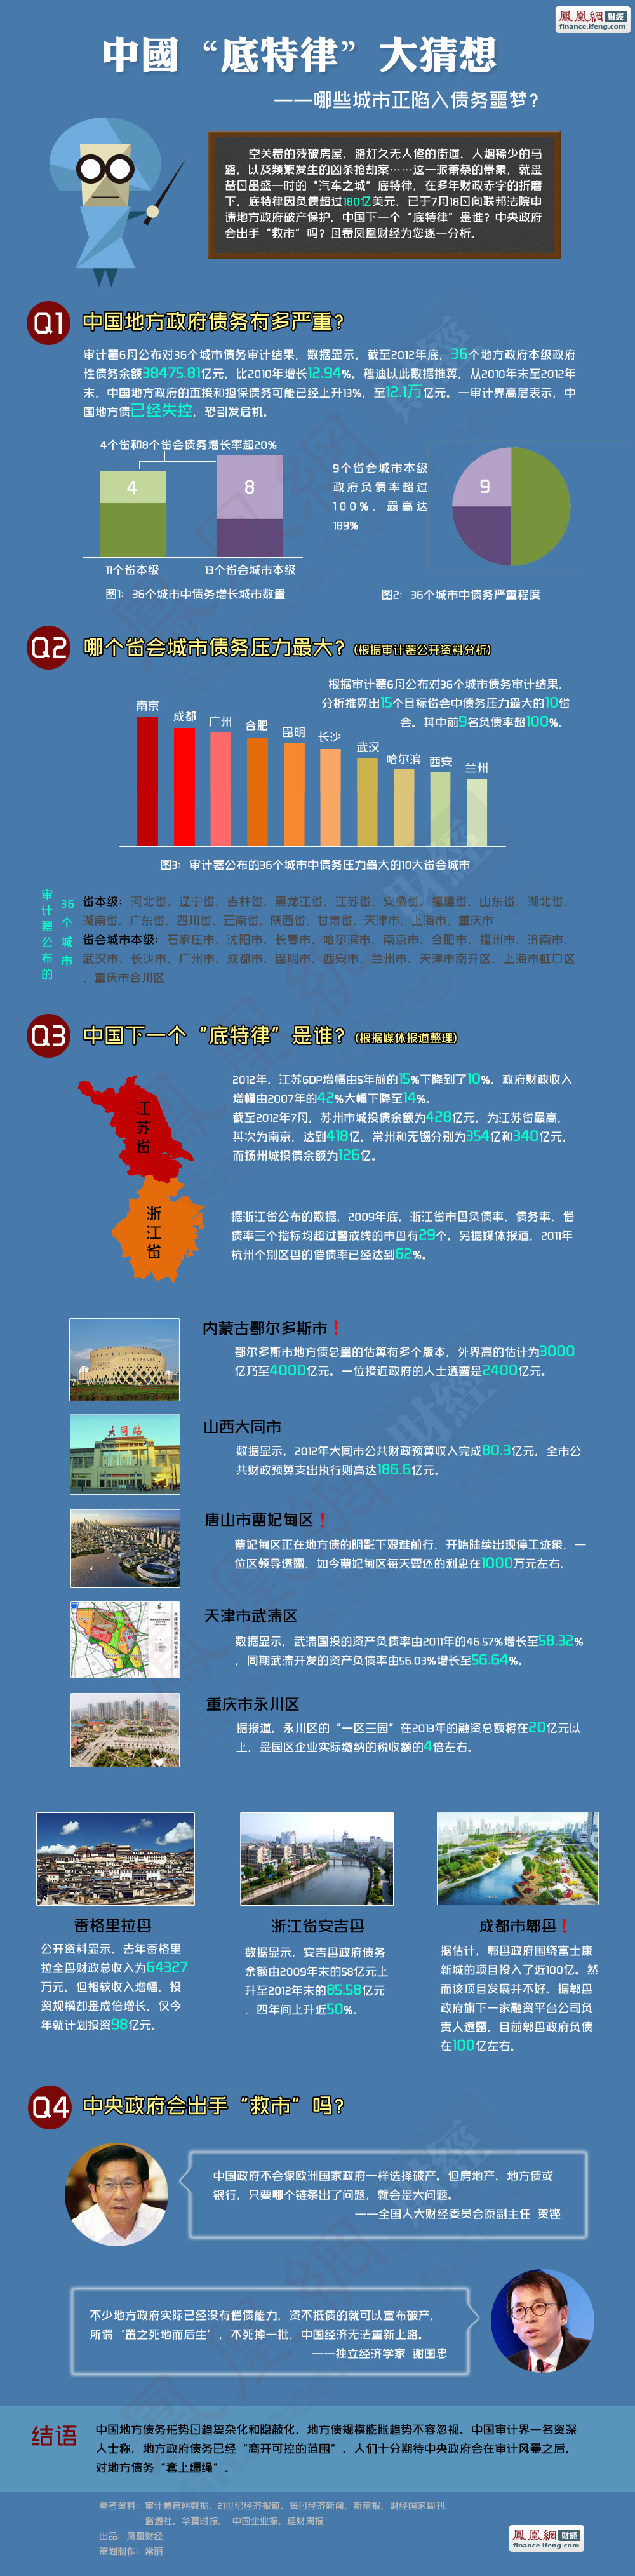 中国哪些城市正陷入债务噩梦?